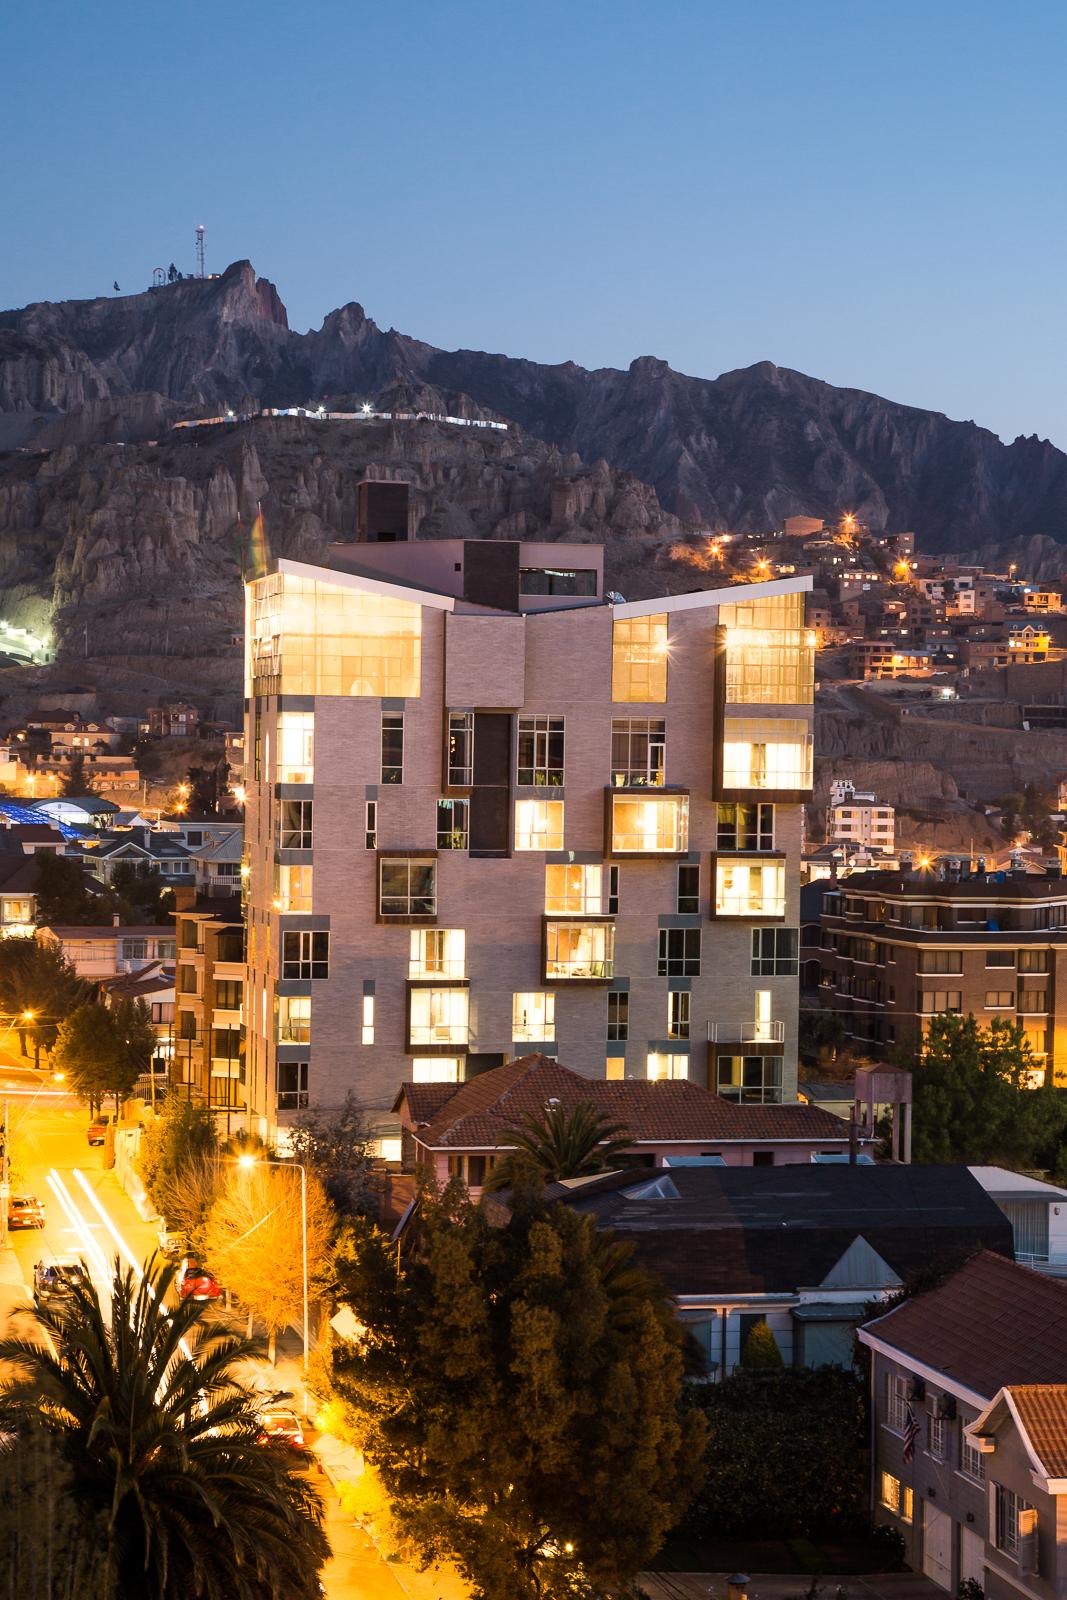 Best Hotel in La Paz, Bolivia: Atix Hotel